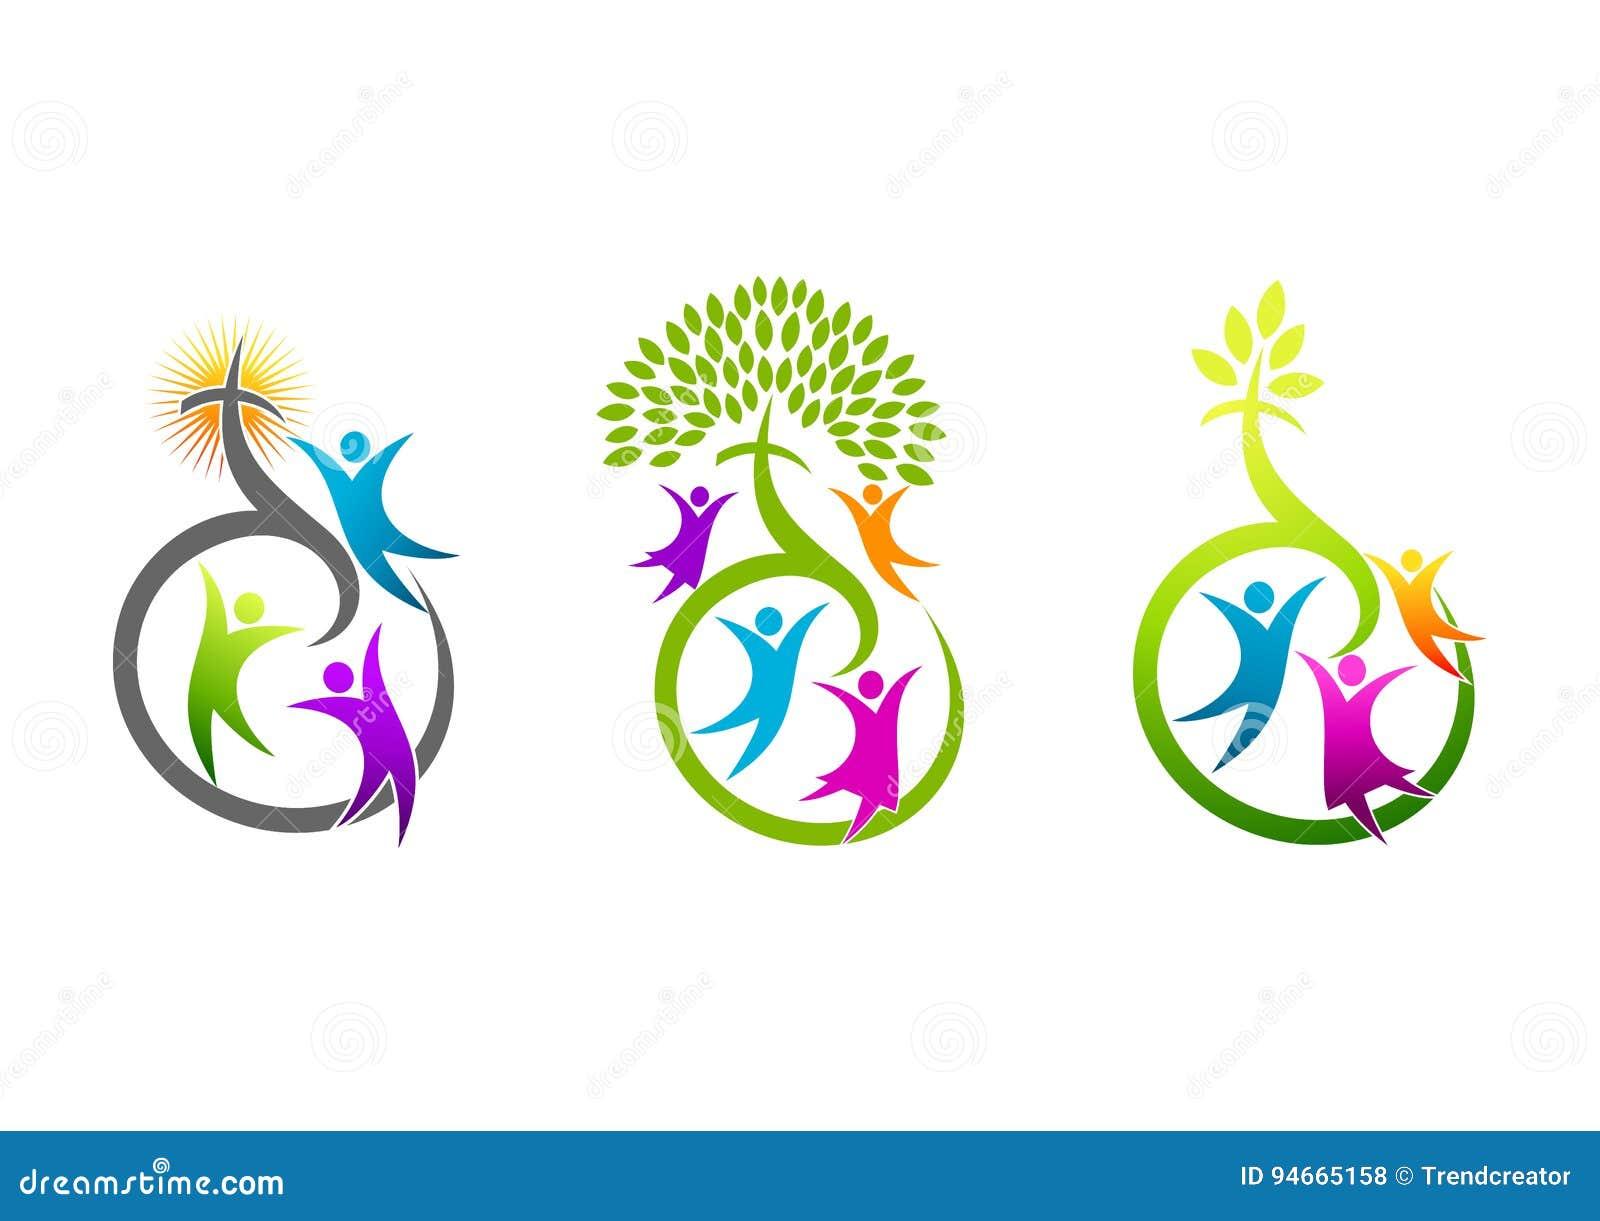 教会商标、宗教家庭象、基督徒标志、自然耶稣受难象标志和成长圣灵构思设计